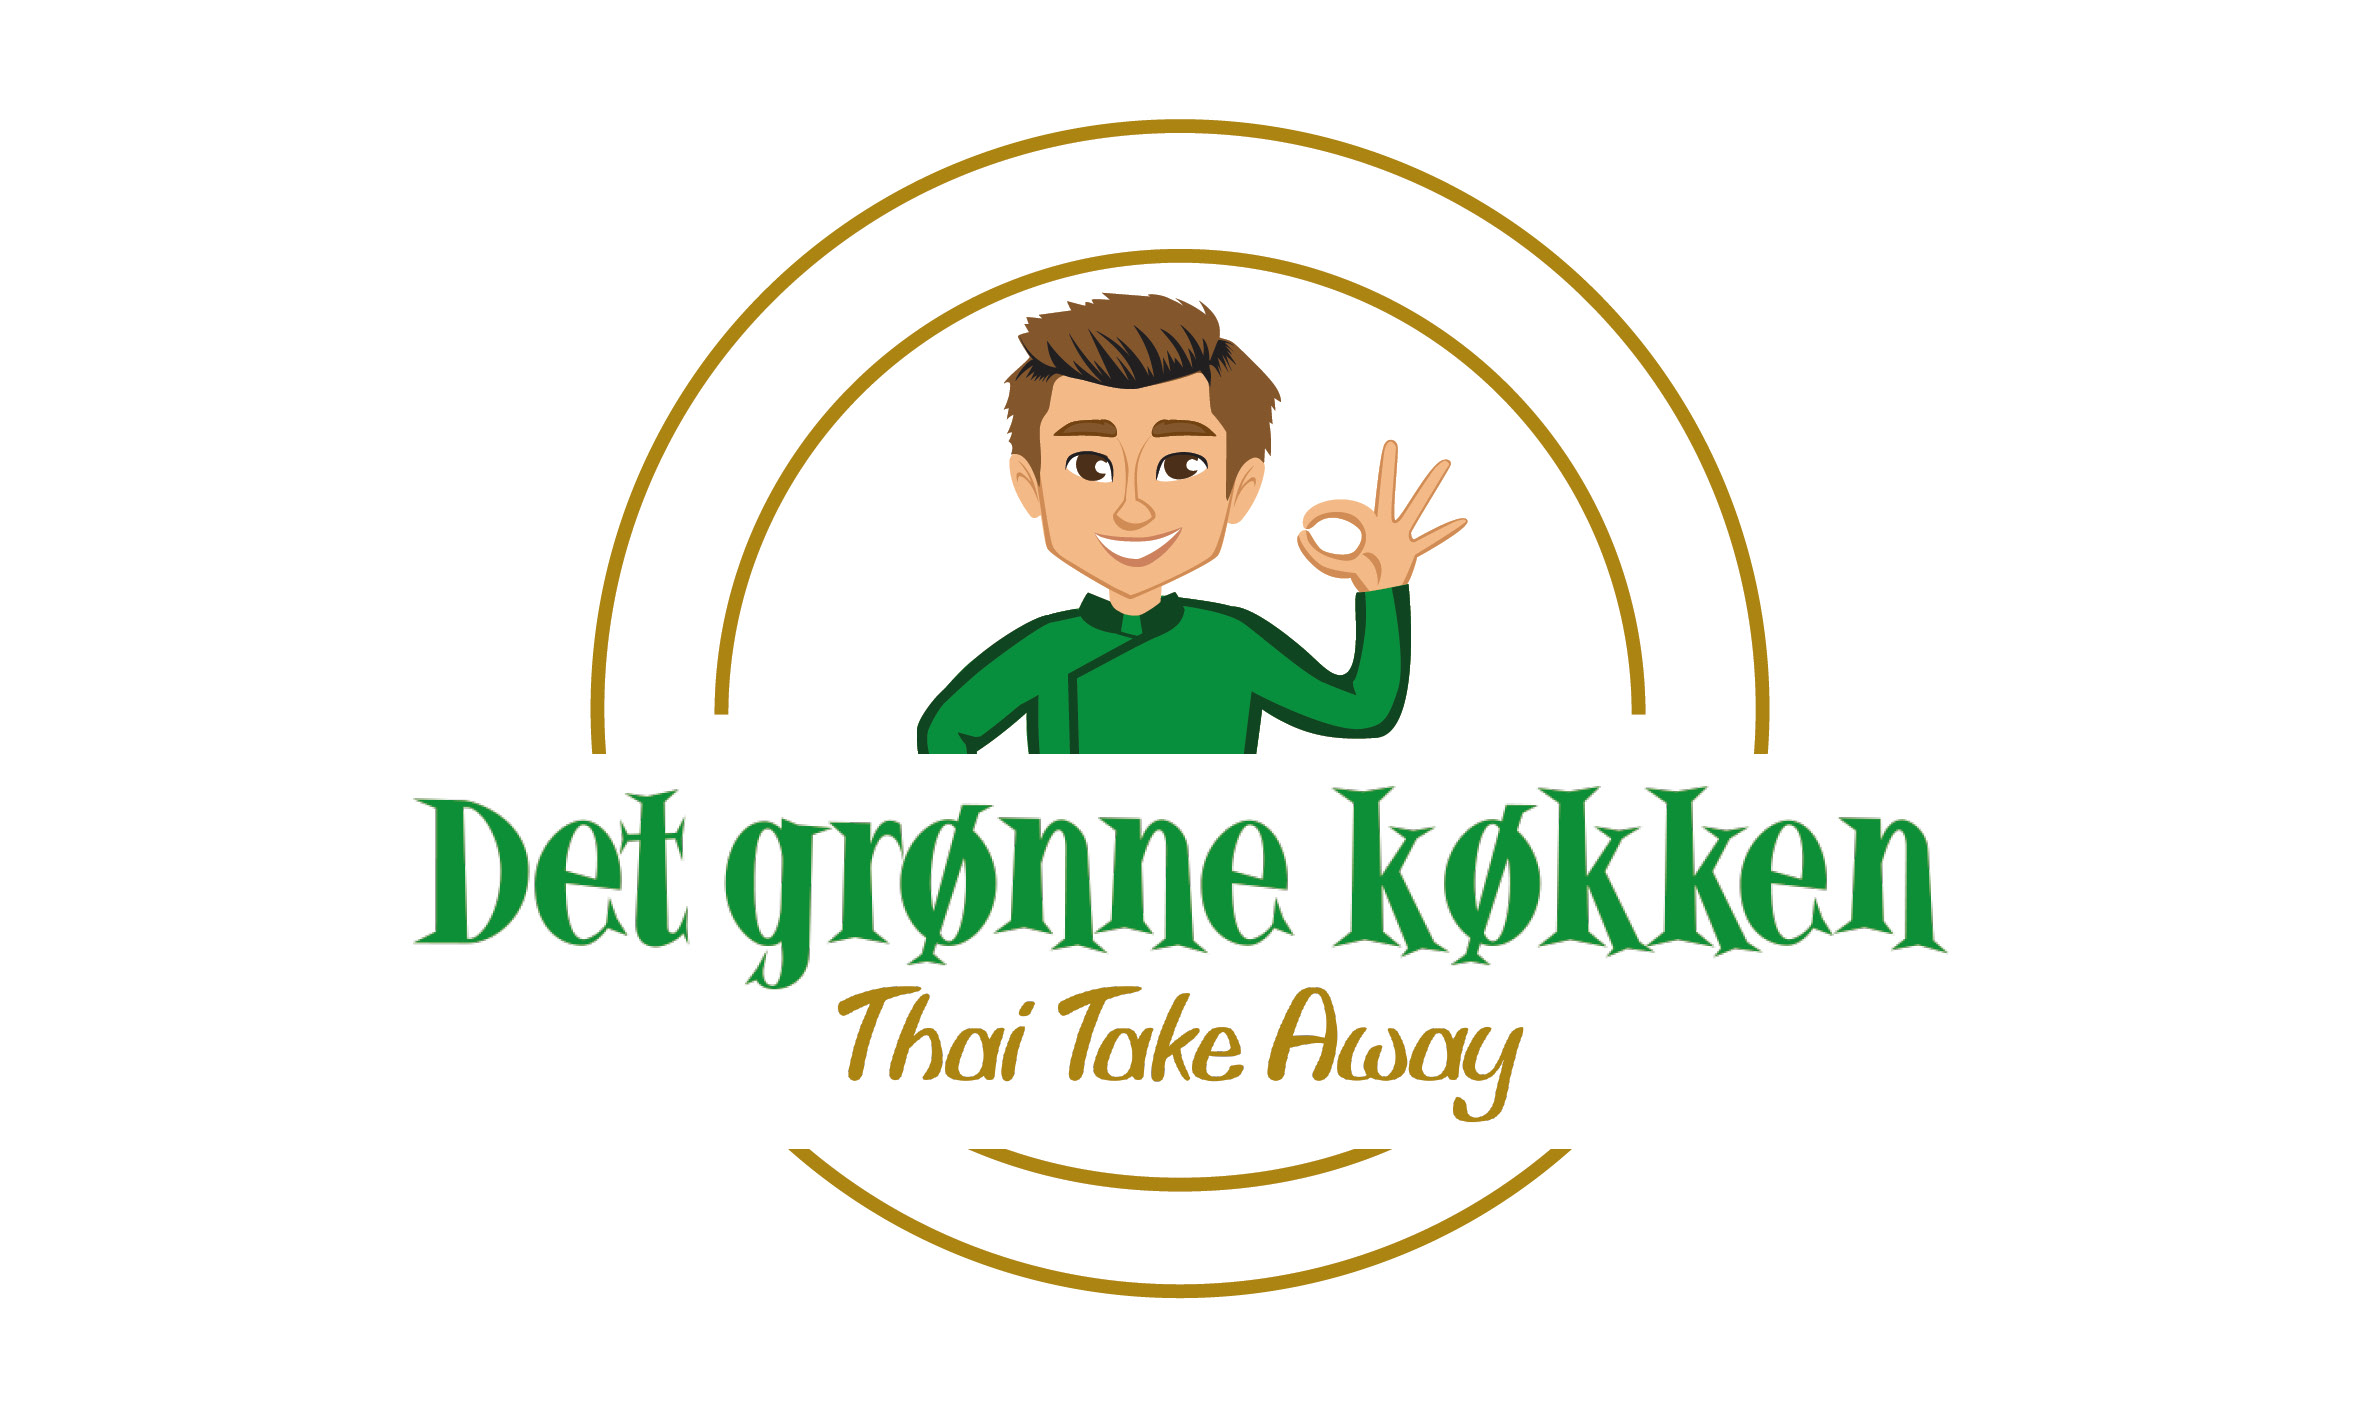 Det Grønne Køkken logo